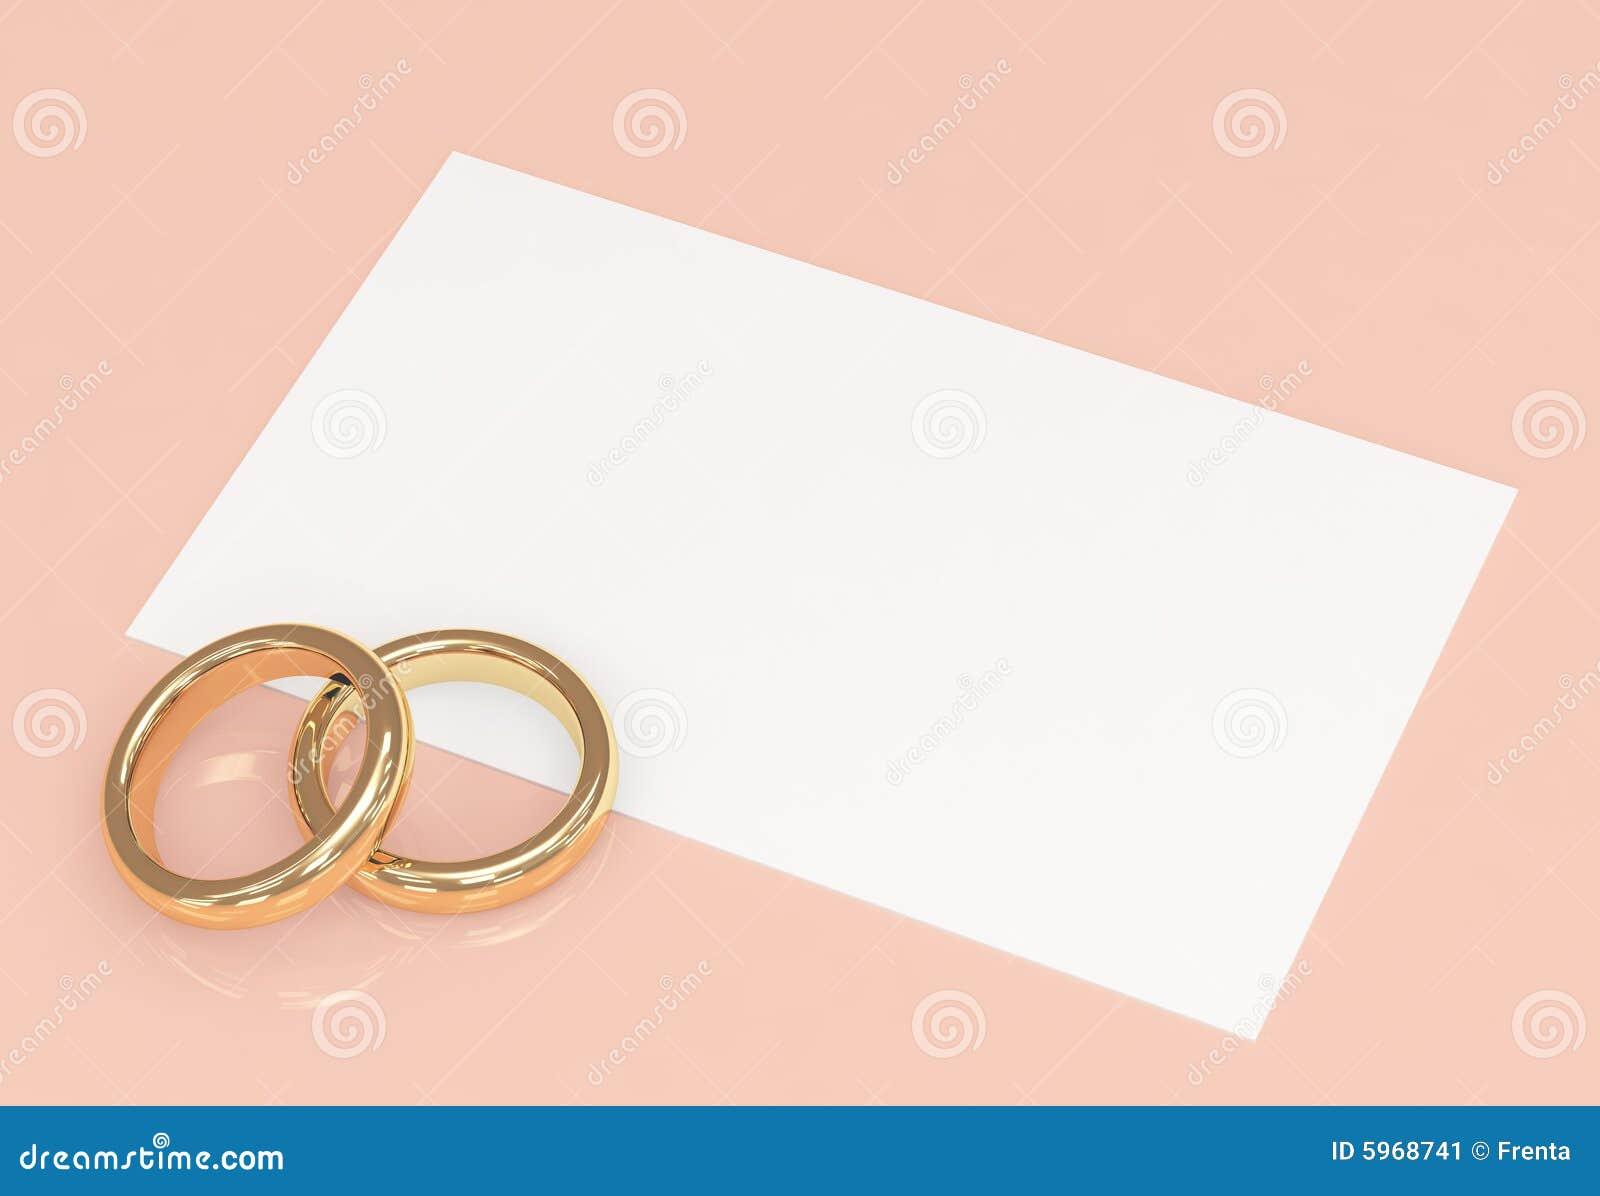 Priorità bassa di cerimonia nuziale